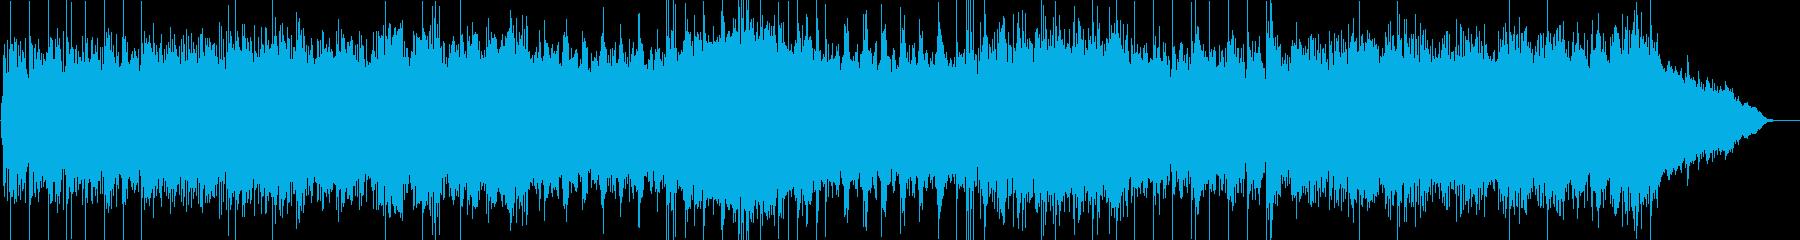 力強追いビートが印象的なエレクトロニカの再生済みの波形